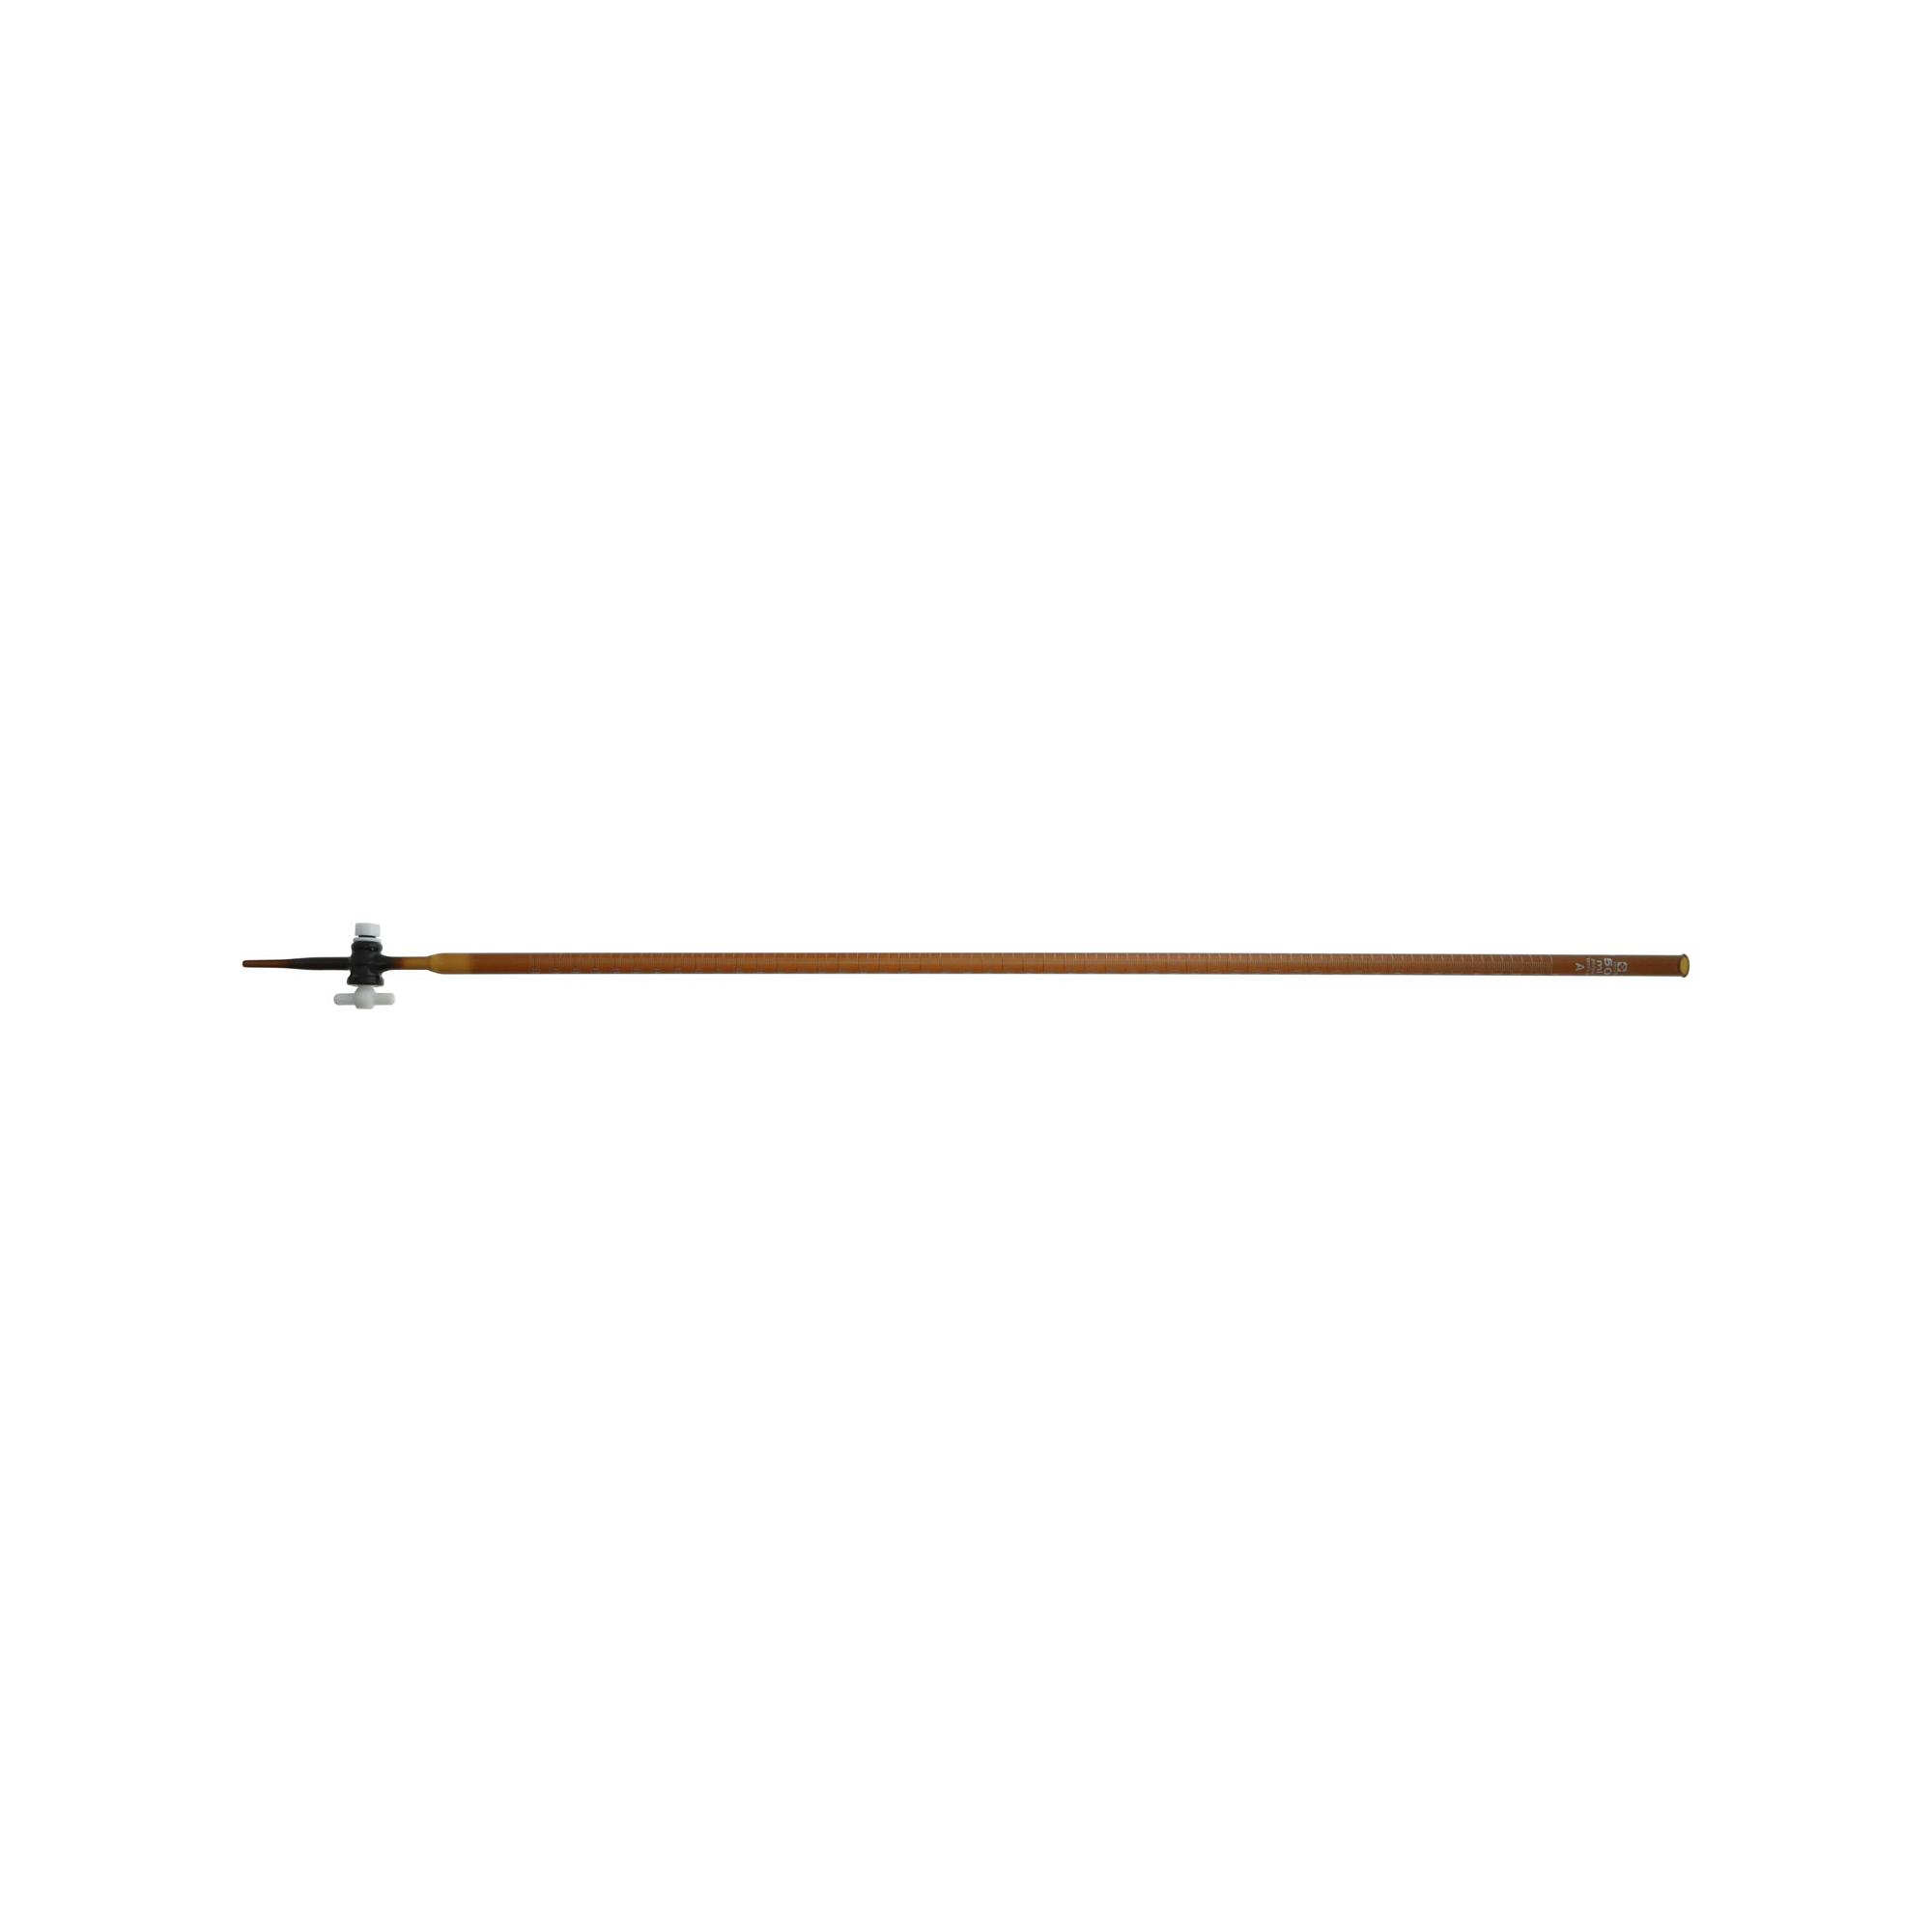 021320-50 ビュレット スーパーグレード PTFEコック付 褐色 50mL 柴田科学(SIBATA)